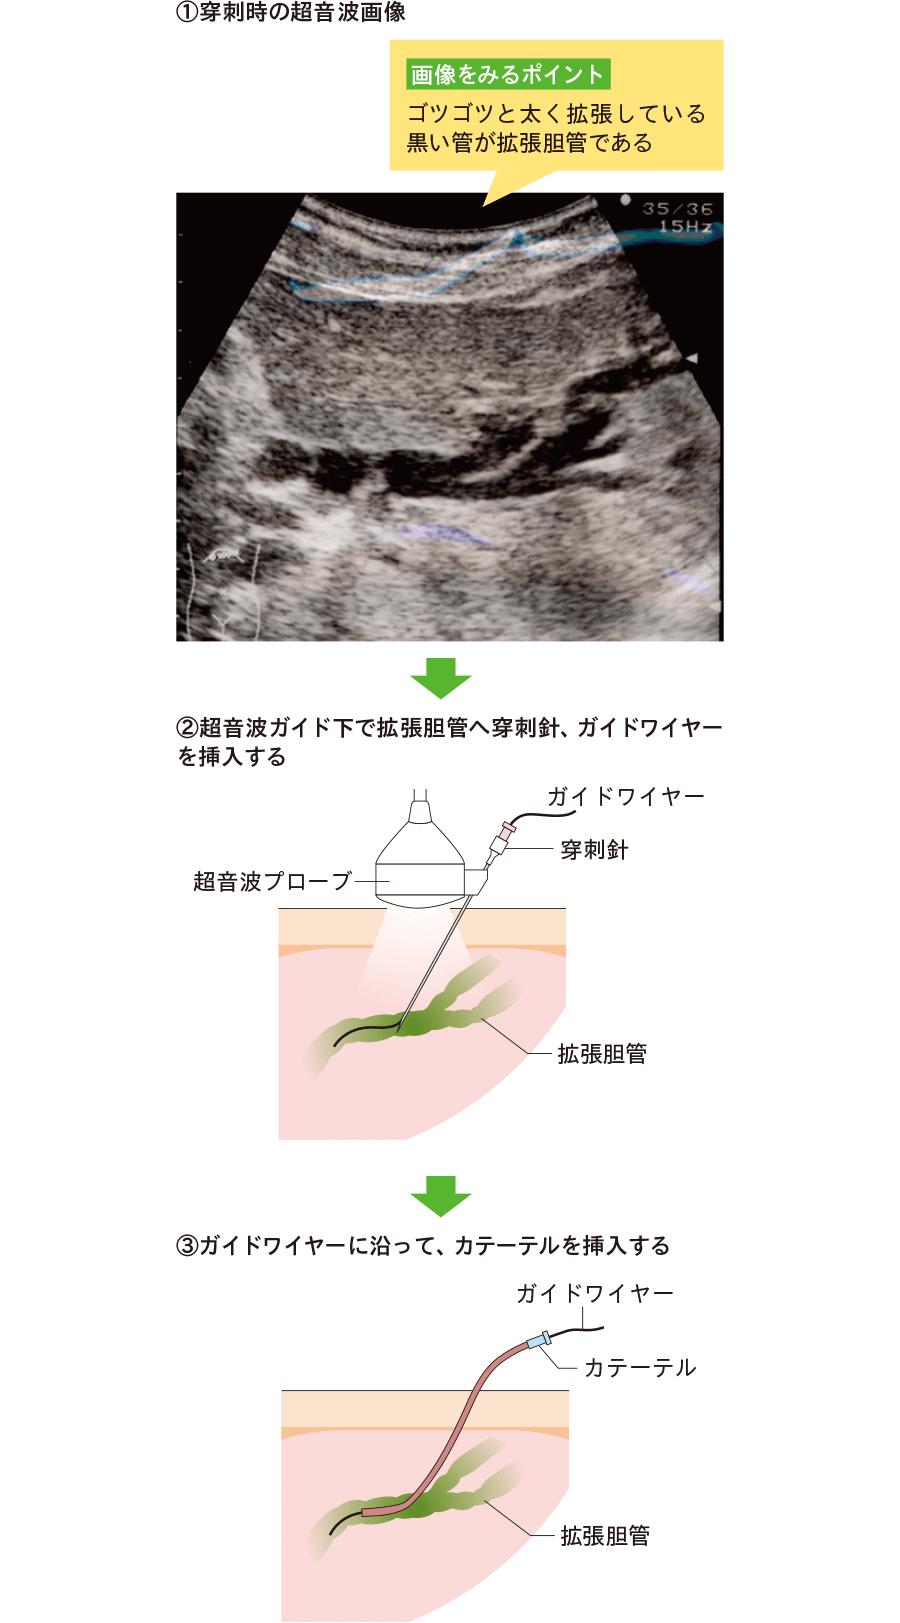 経皮経肝胆管ドレナージの穿刺方法